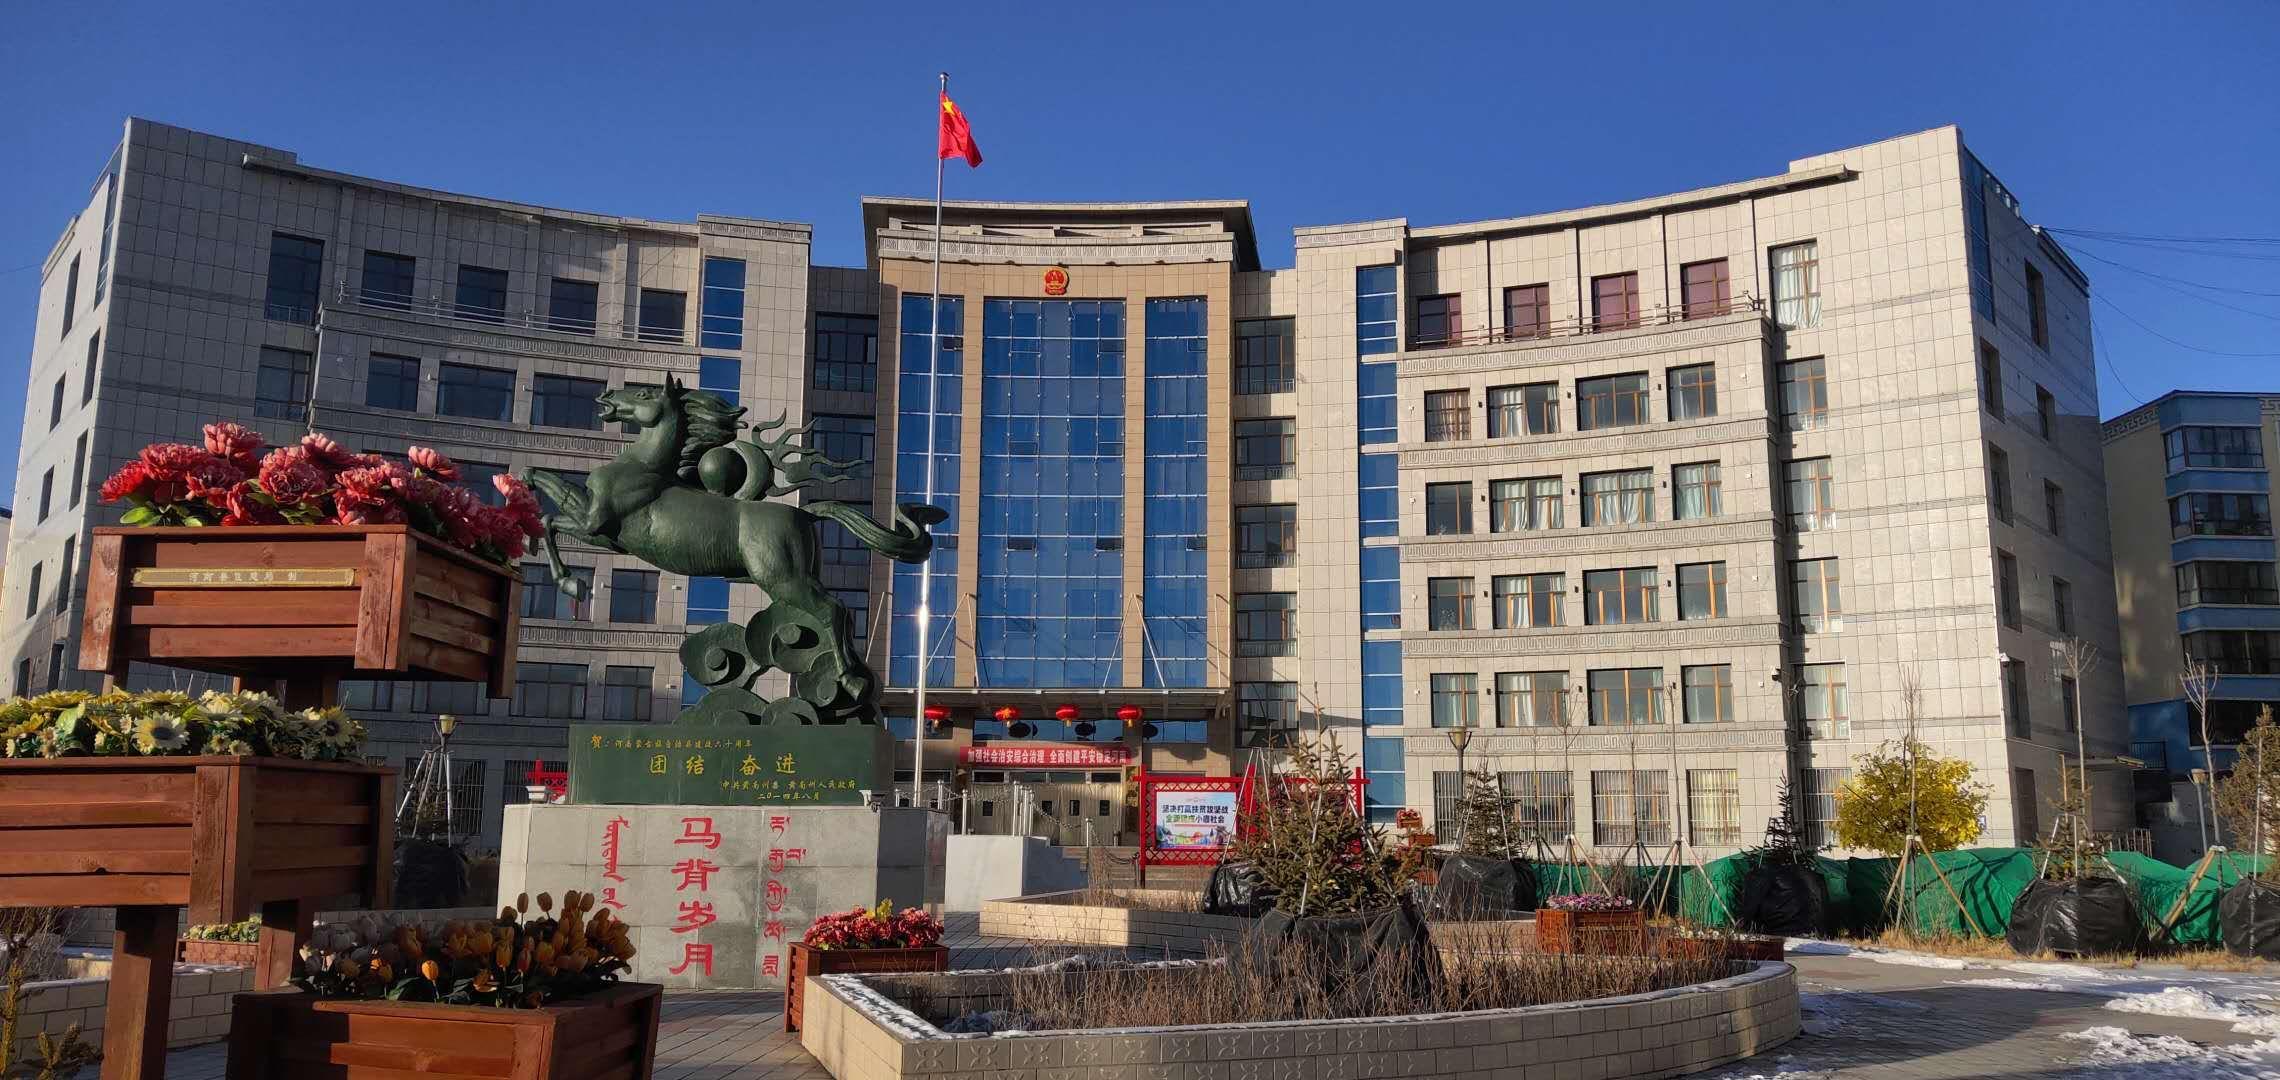 青海河南县人民政府外景